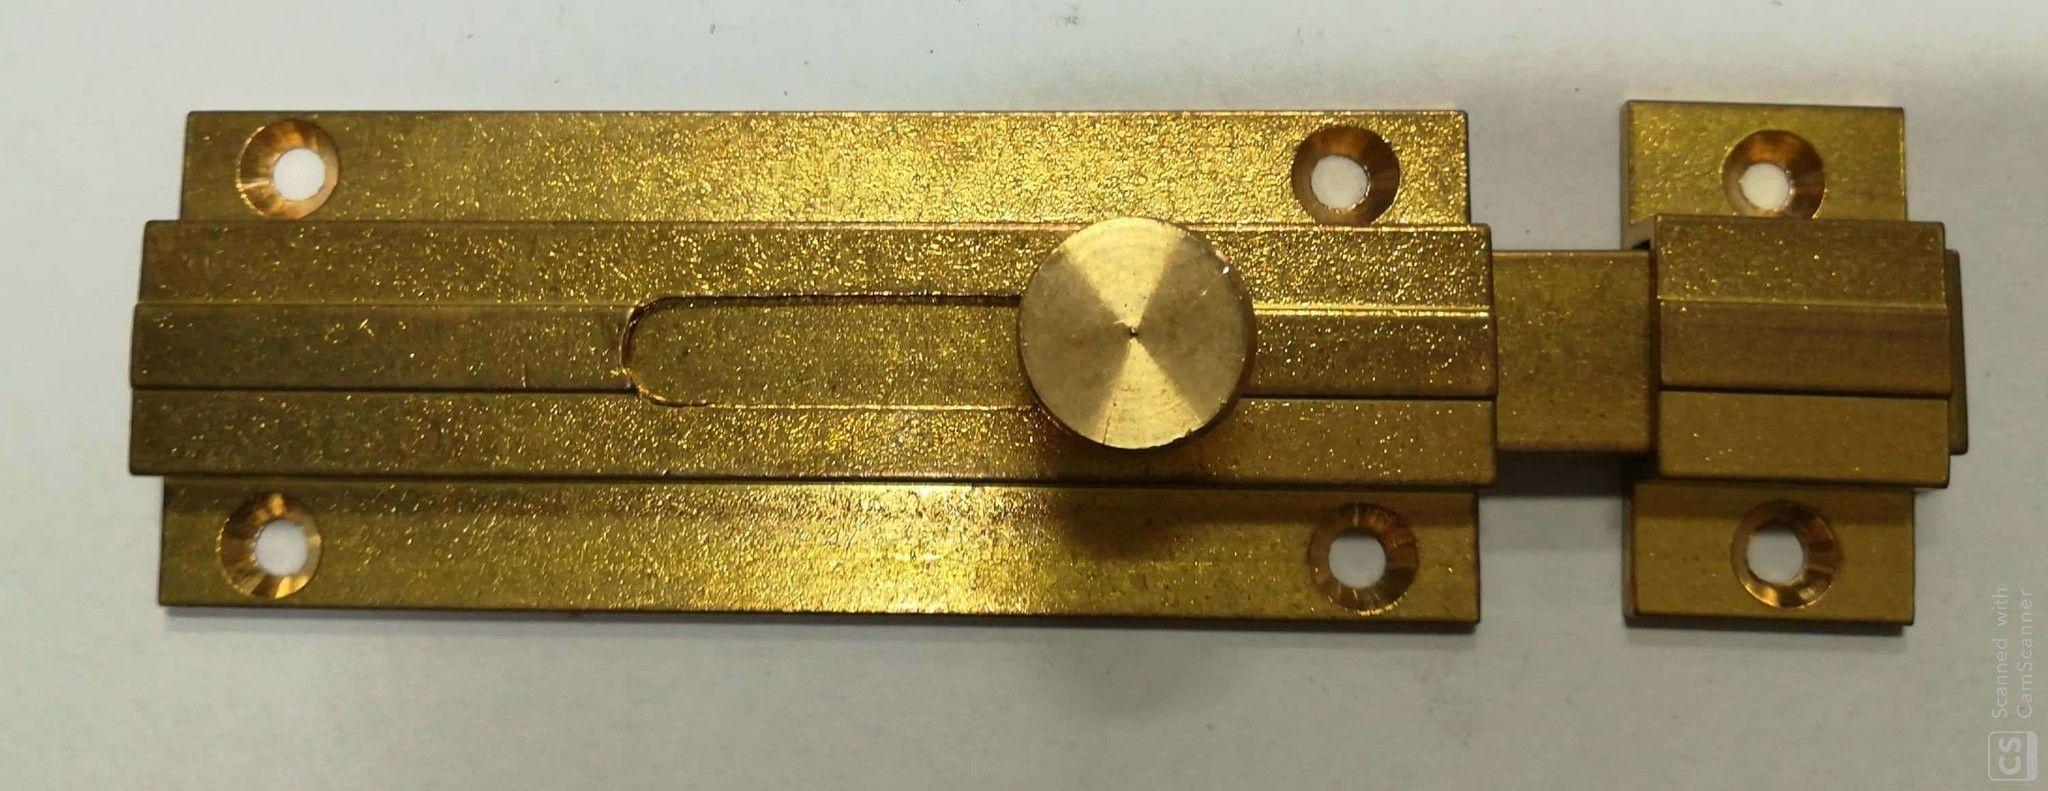 Catenaccio sagomato piatto mm  80 in ottone base 31 mm